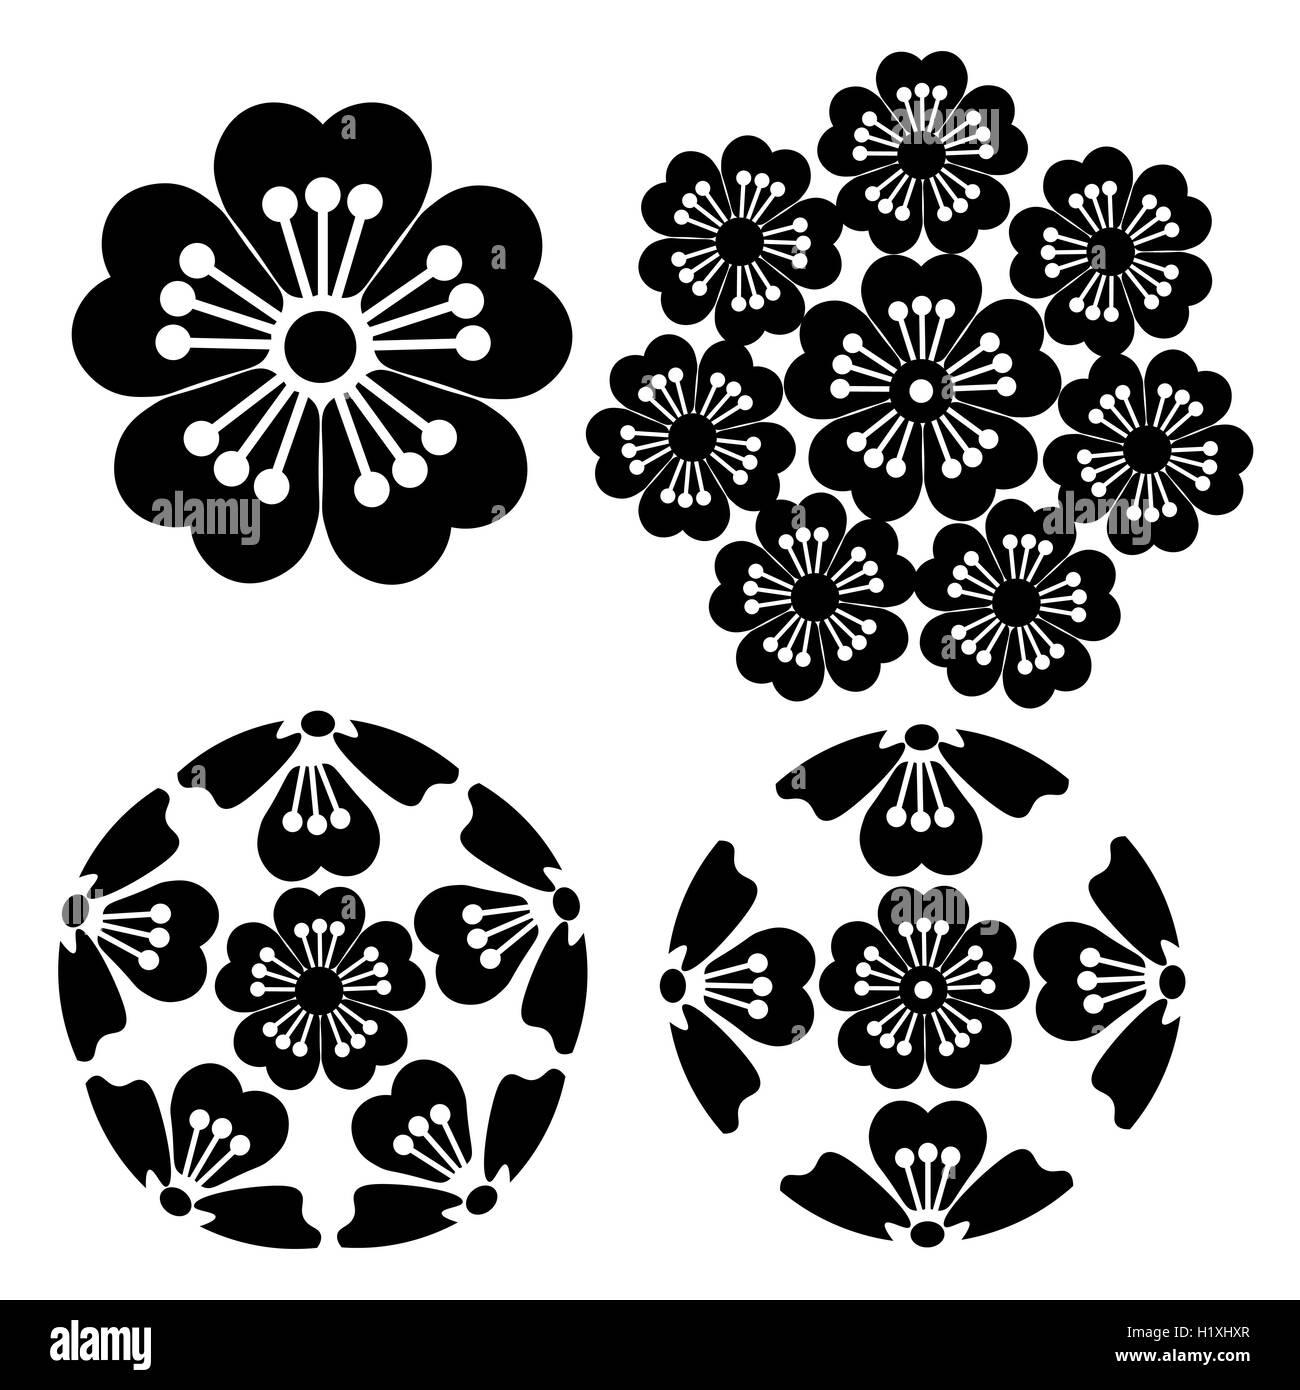 Le Sakura Fleur Stylisee Japonais Symbolisme Illustration Vecteurs